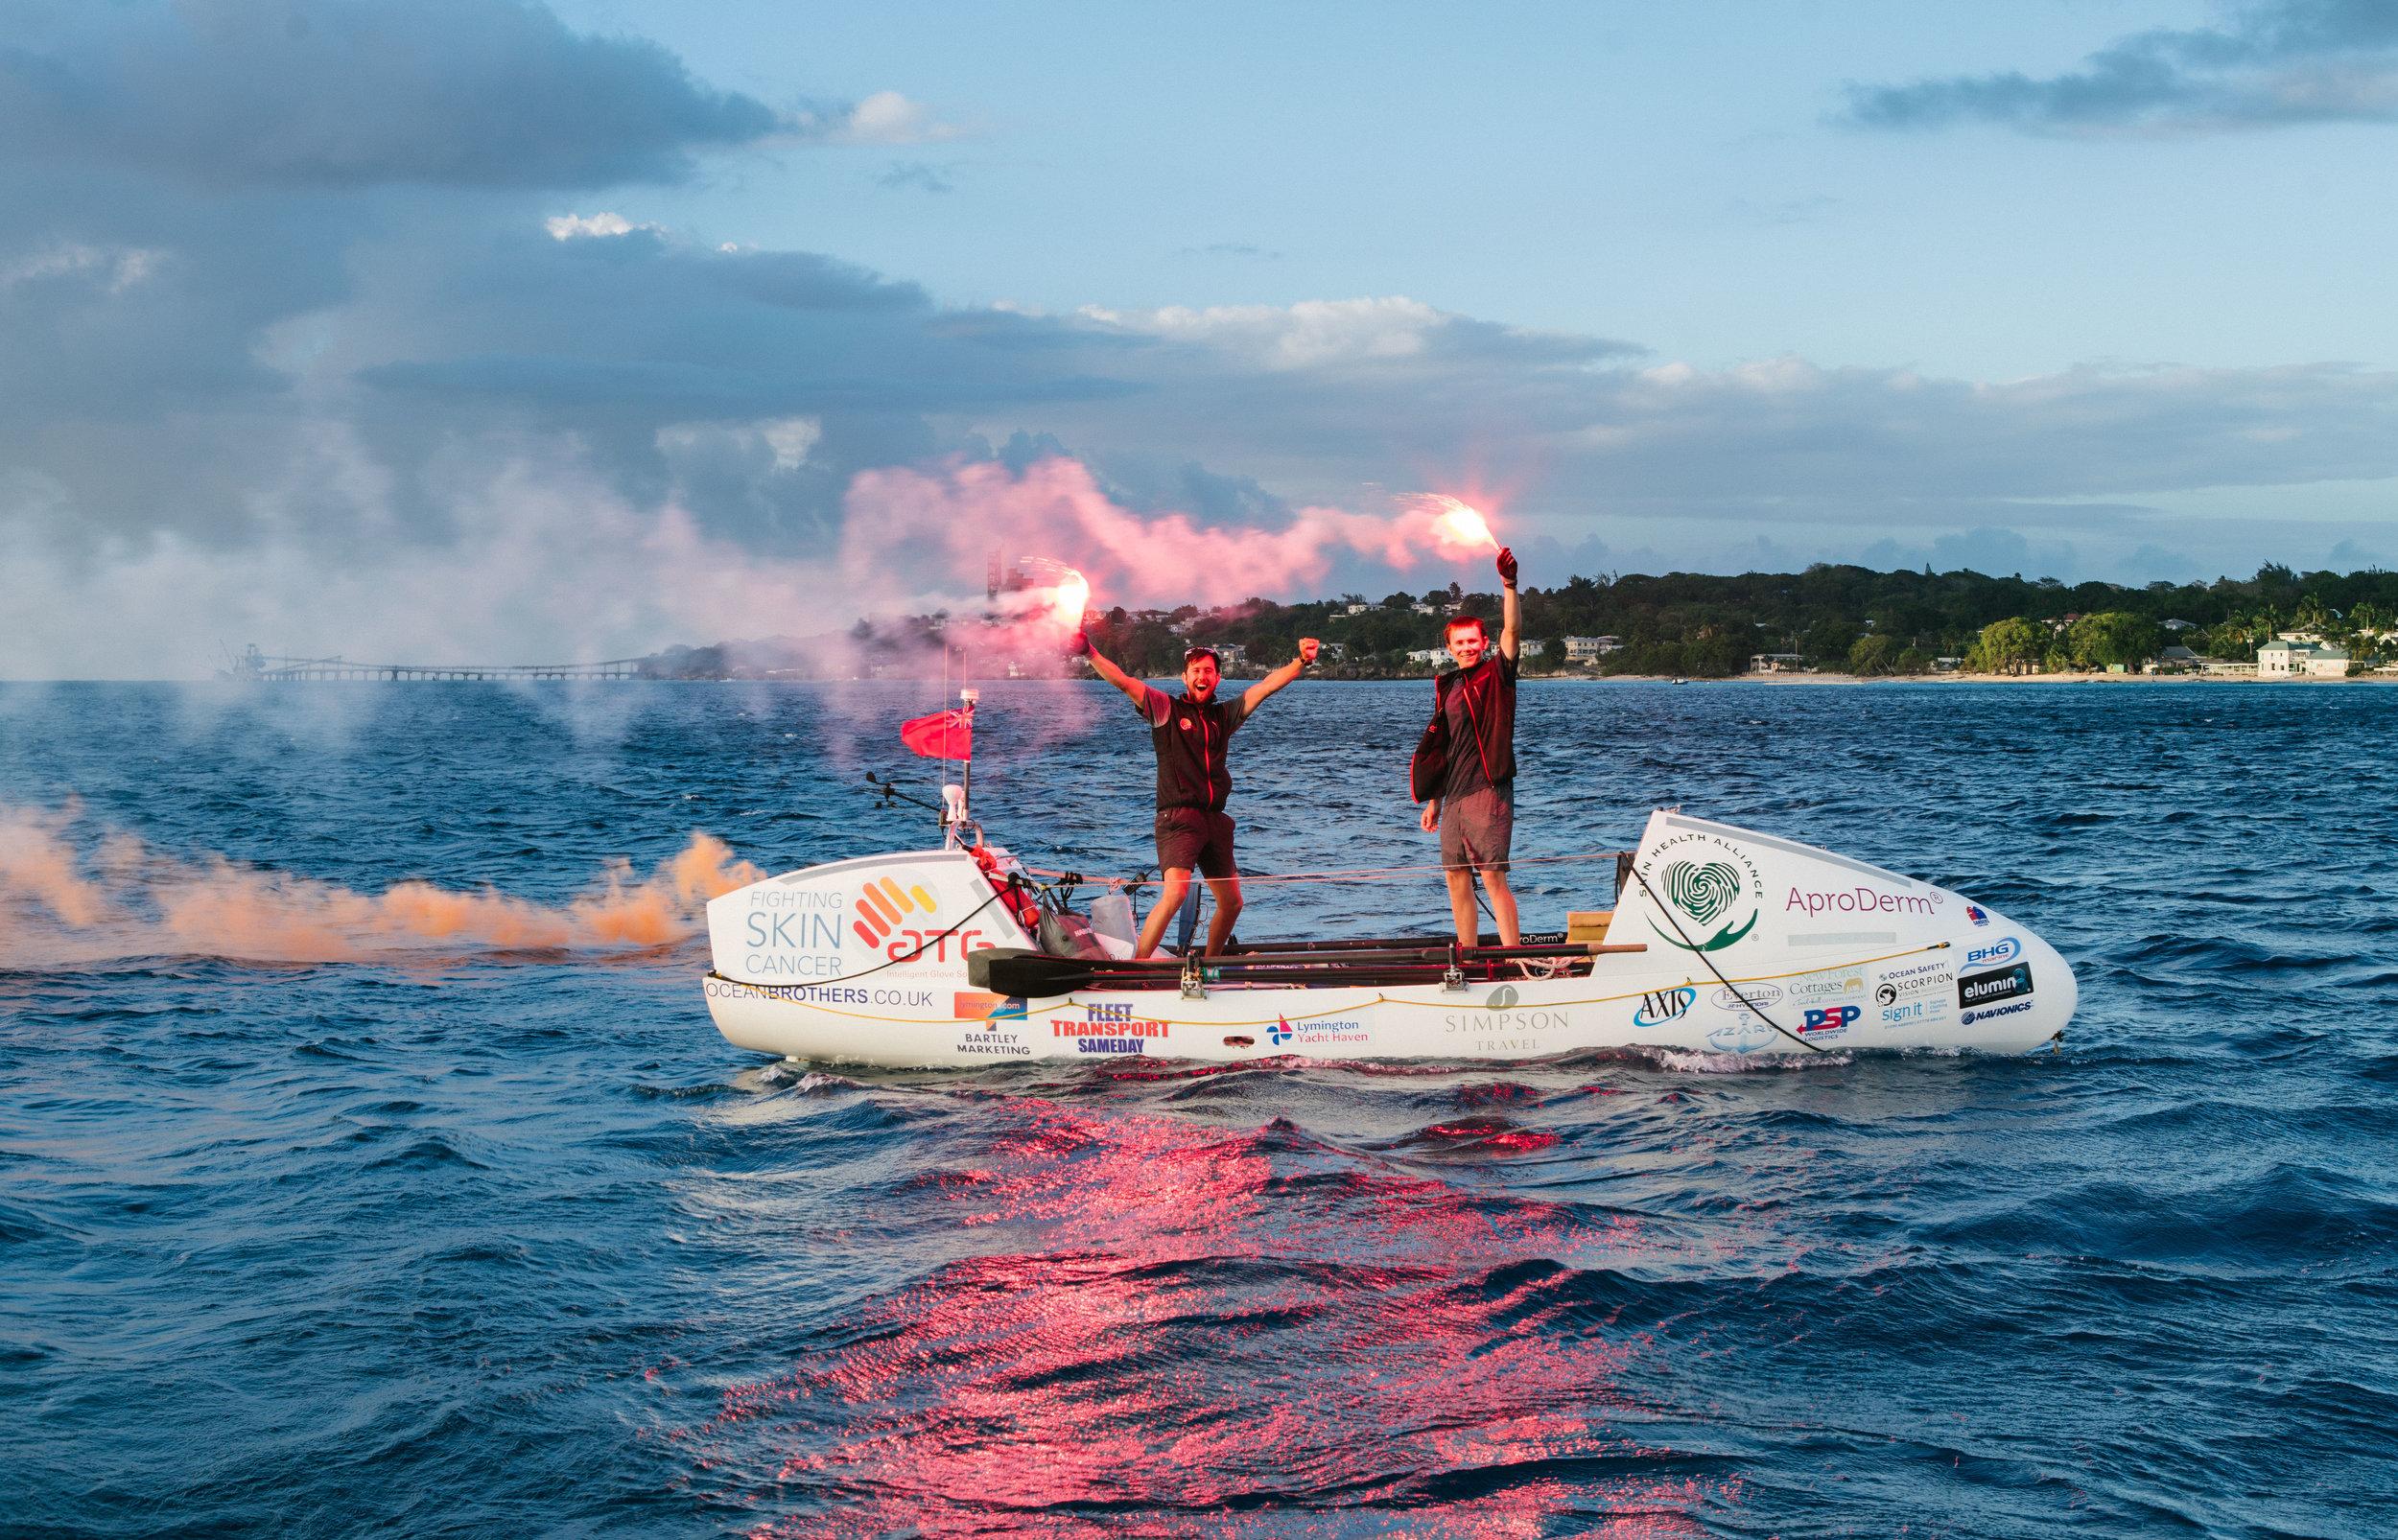 gran-canaria-film-photography-barbados-rowing-ocean-brothers-6